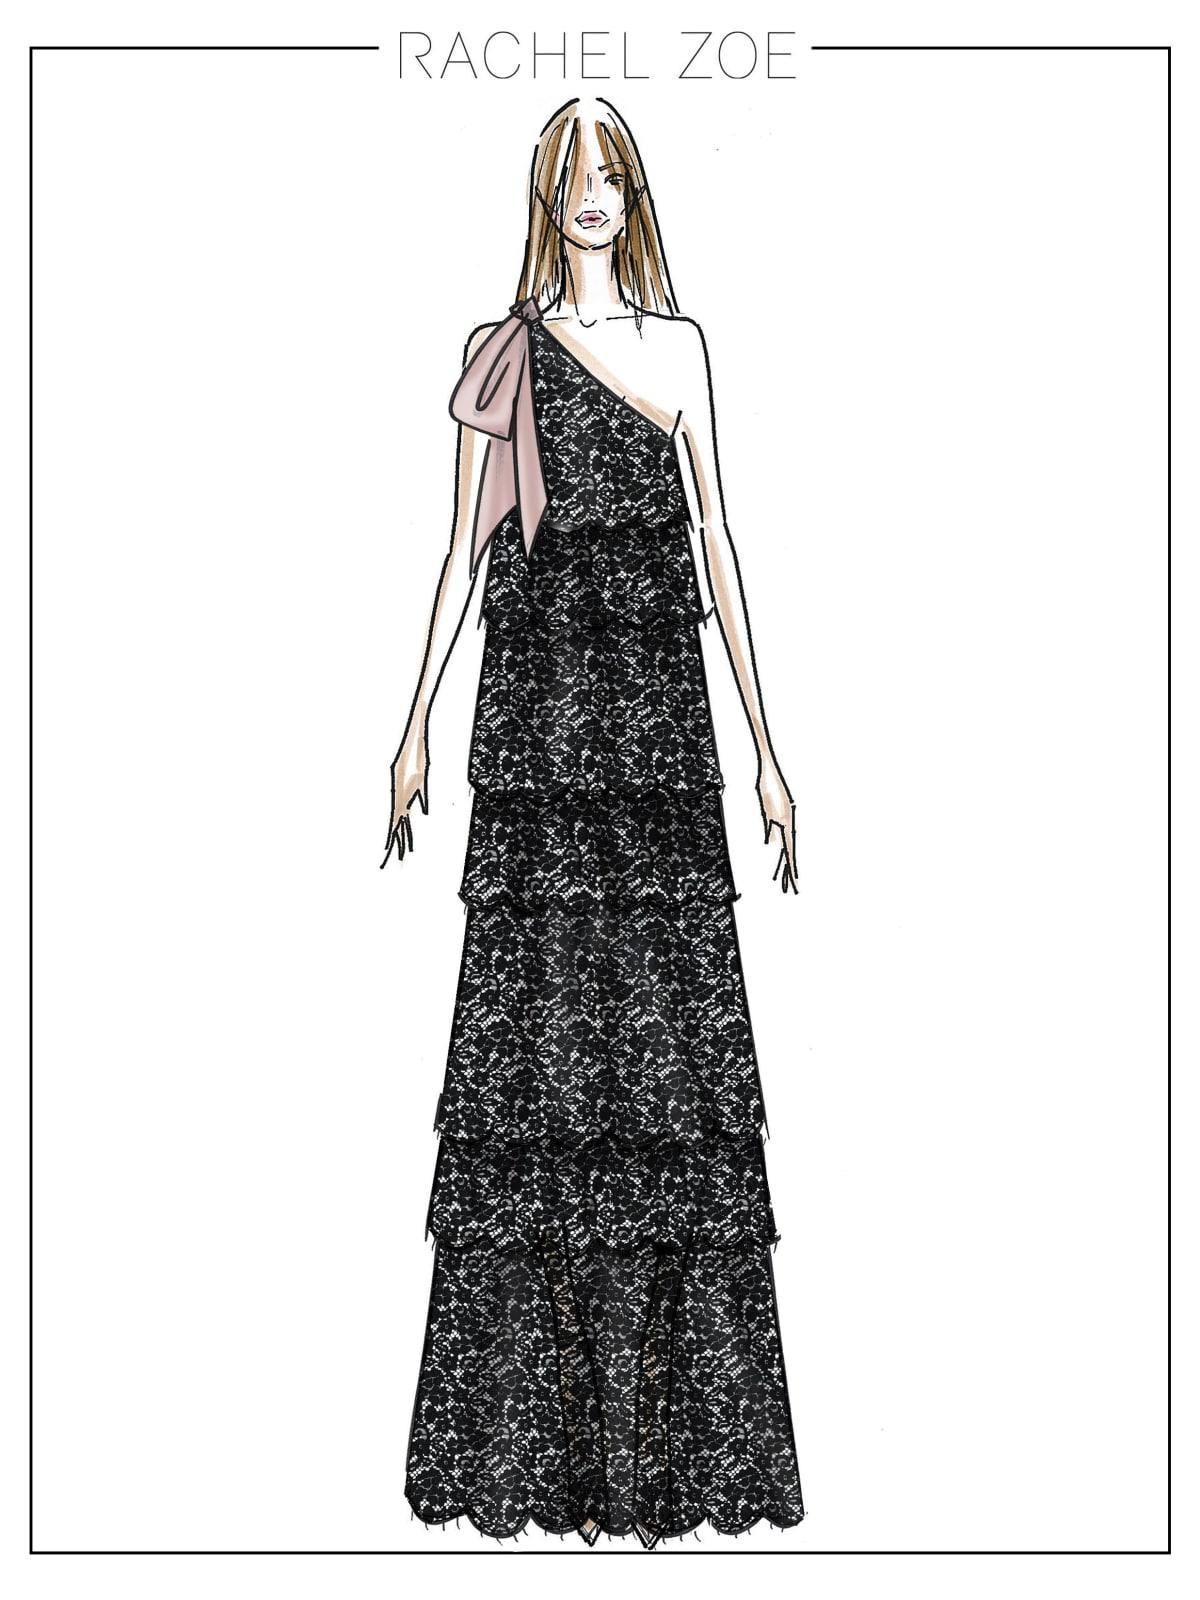 Rachel Zoe fall 2016 fashion